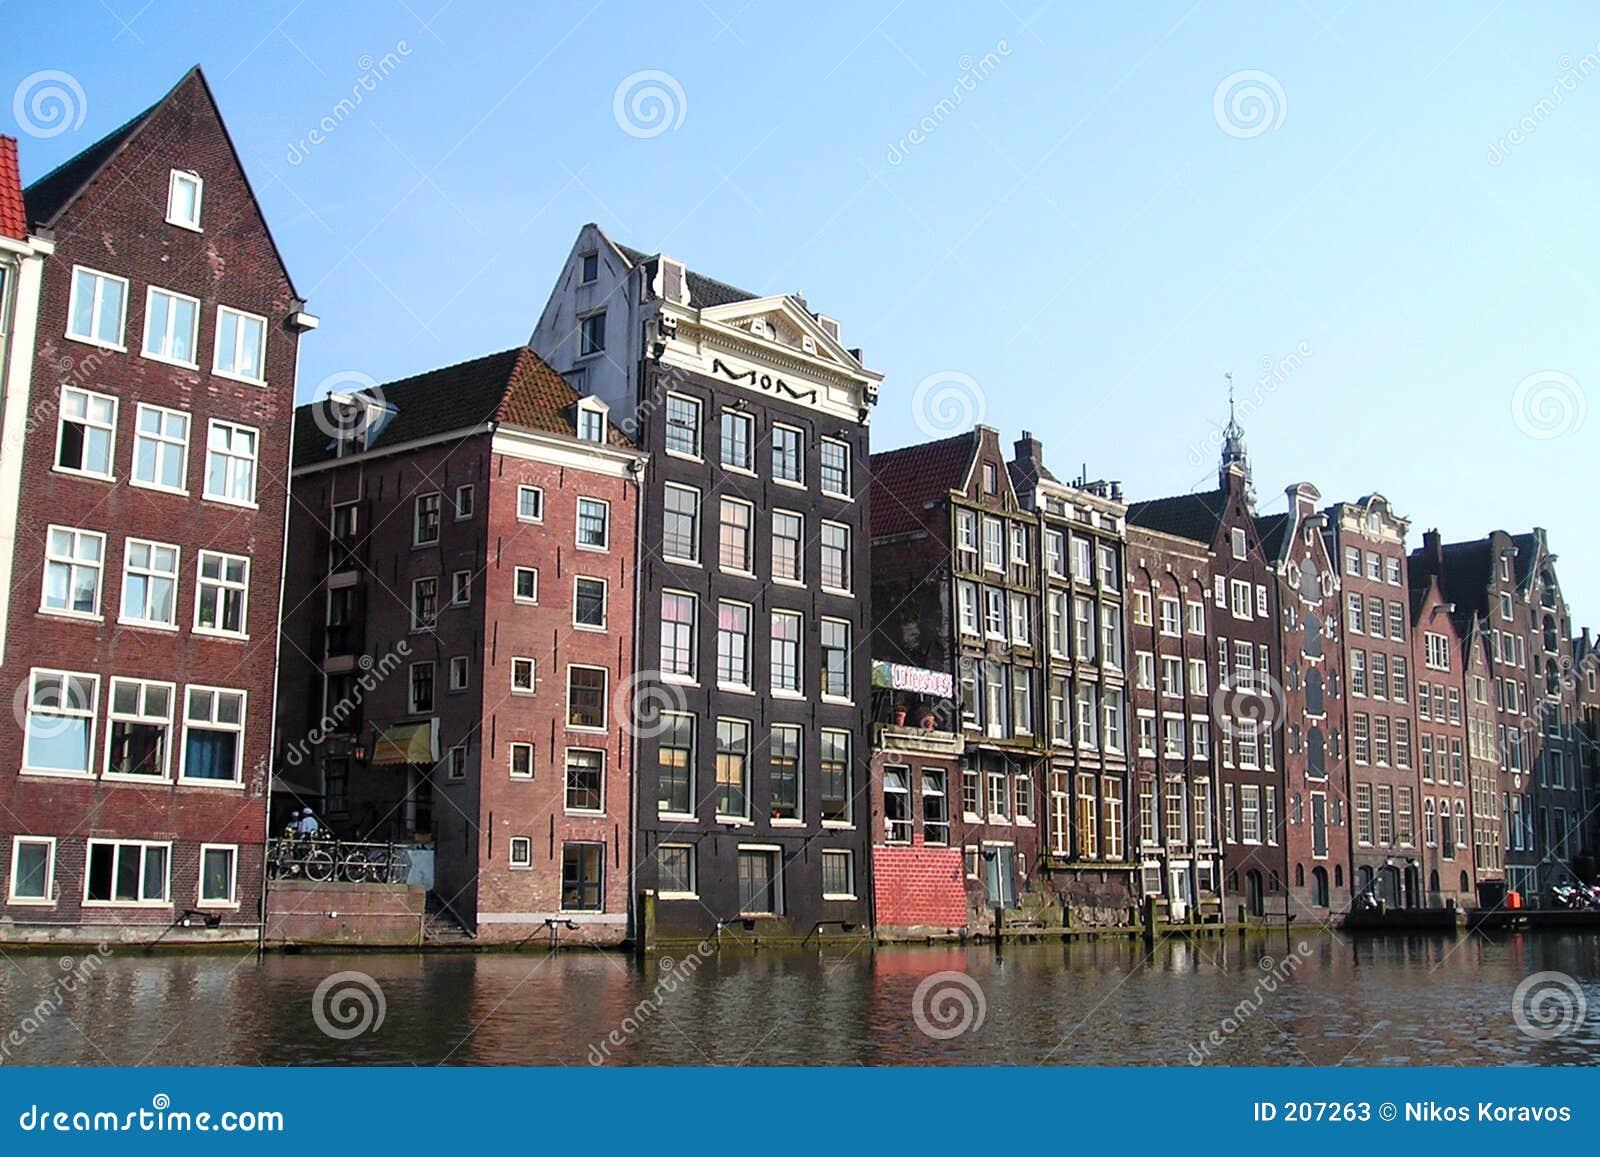 Amsterdam domy.